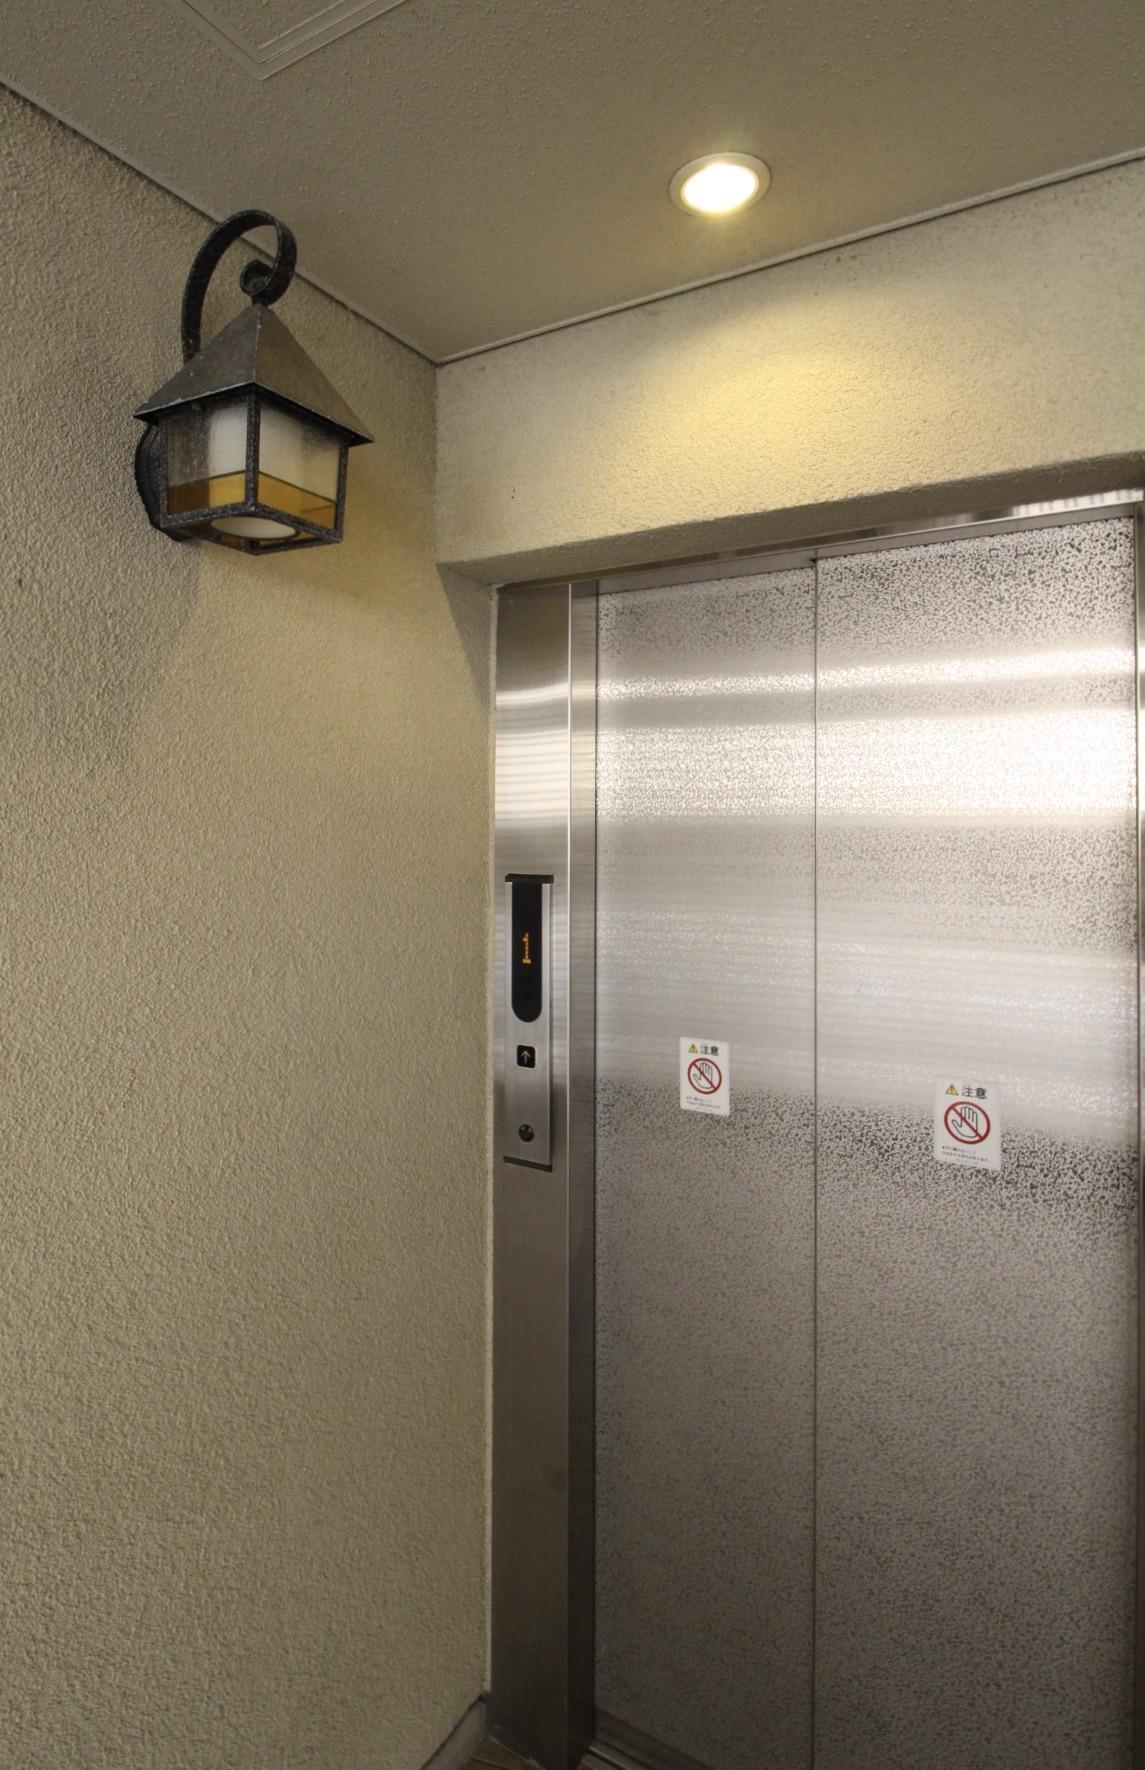 エレベーター前のレトロなステンドガラスの照明